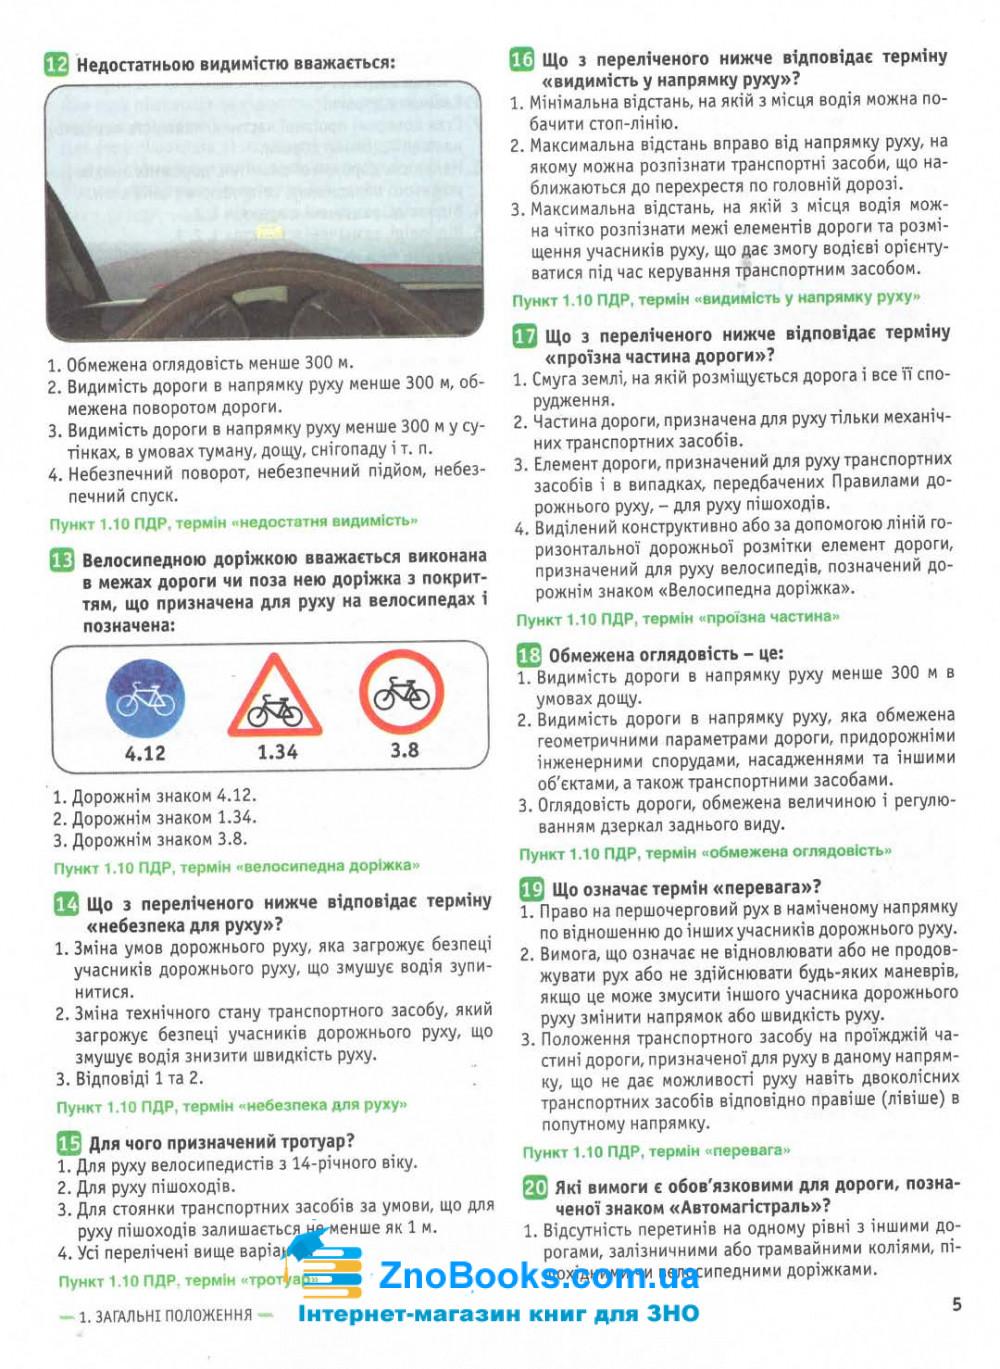 Тестові питання до екзаменаційних білетів для складання іспиту з ПДР : відповідає офіційному тексту 6